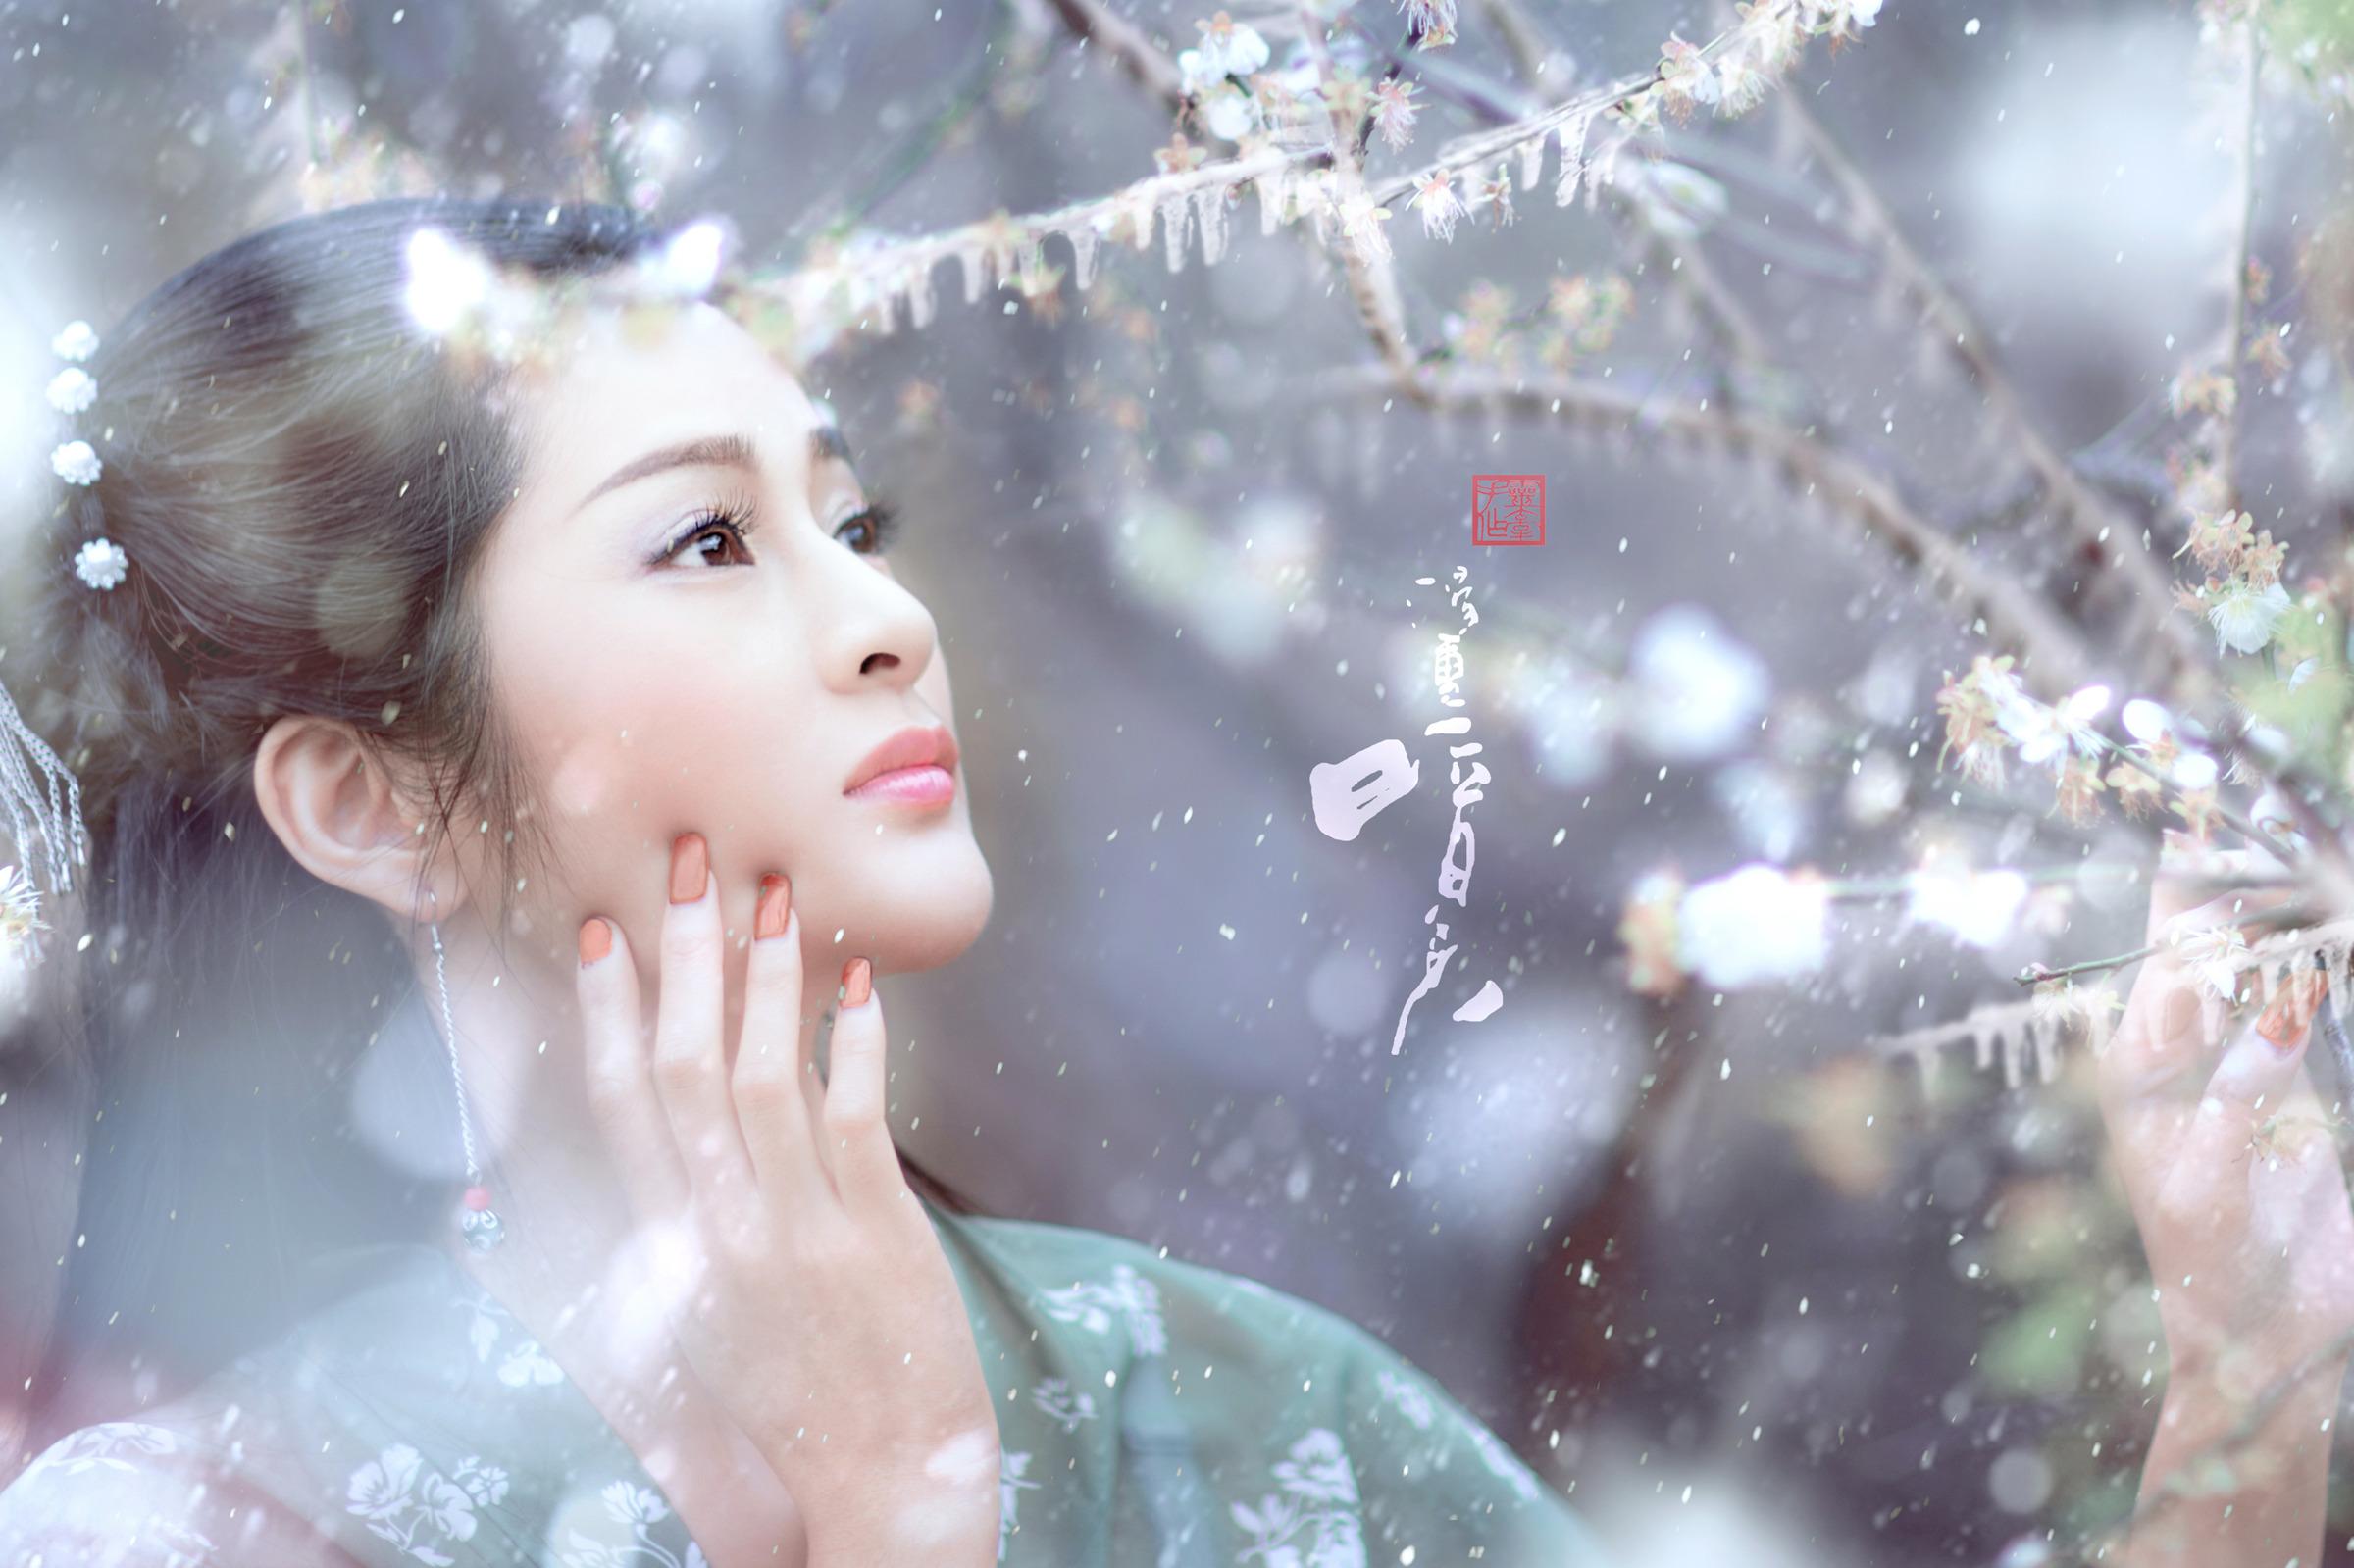 我愿,雪花翩翩飞 【情感美文】 - 花仙子 - 花仙子的博客